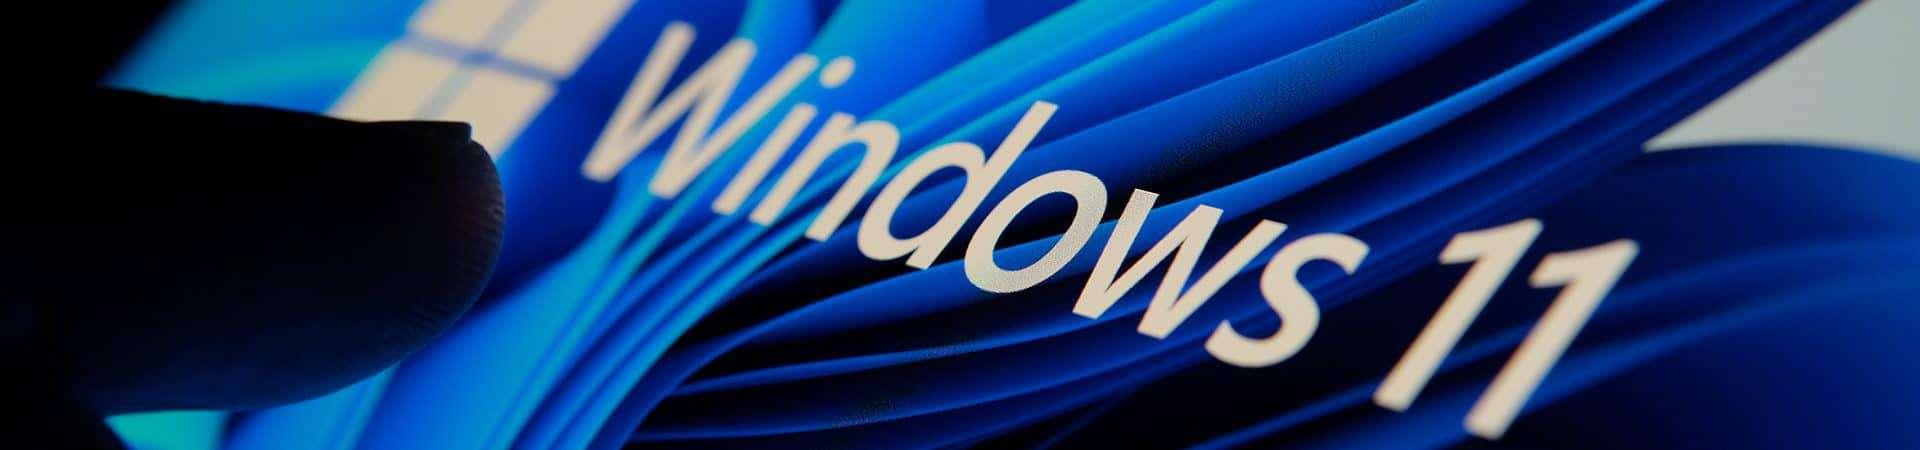 Microsoft confirma la fecha de lanzamiento de Windows 11 para el 5 de octubre. Imagen: worldly / shutterstock